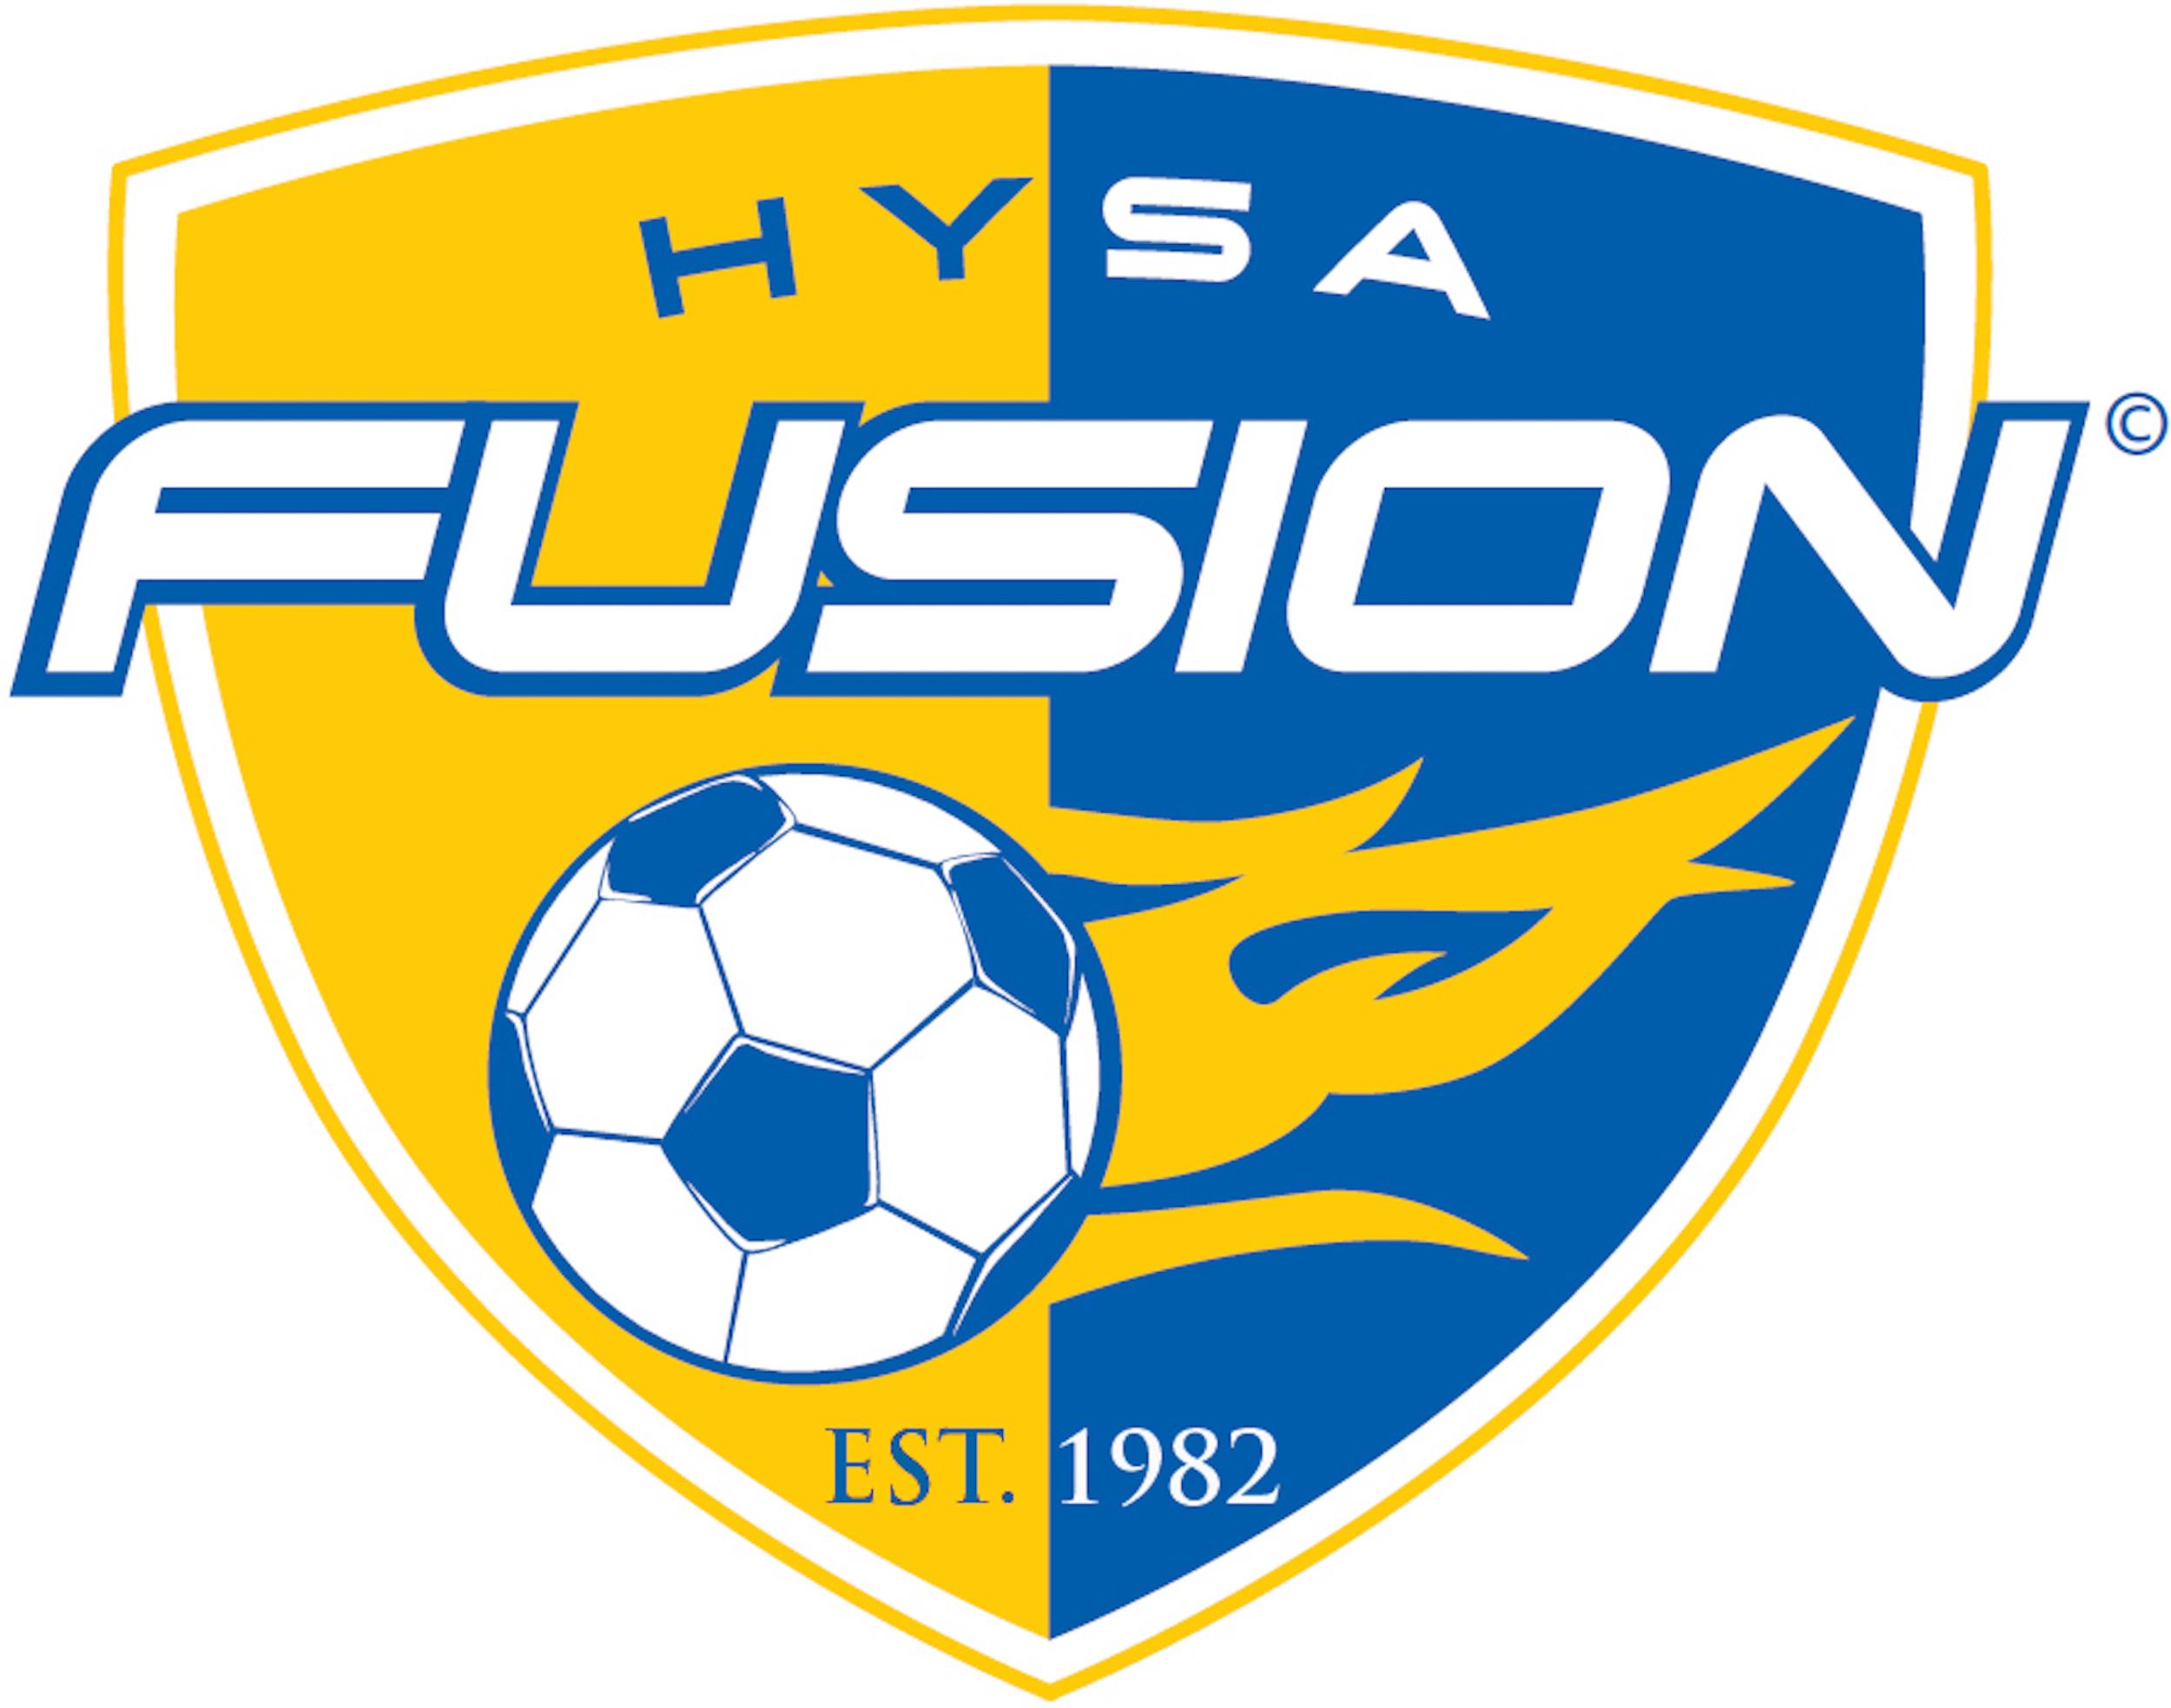 HYSA Fusion